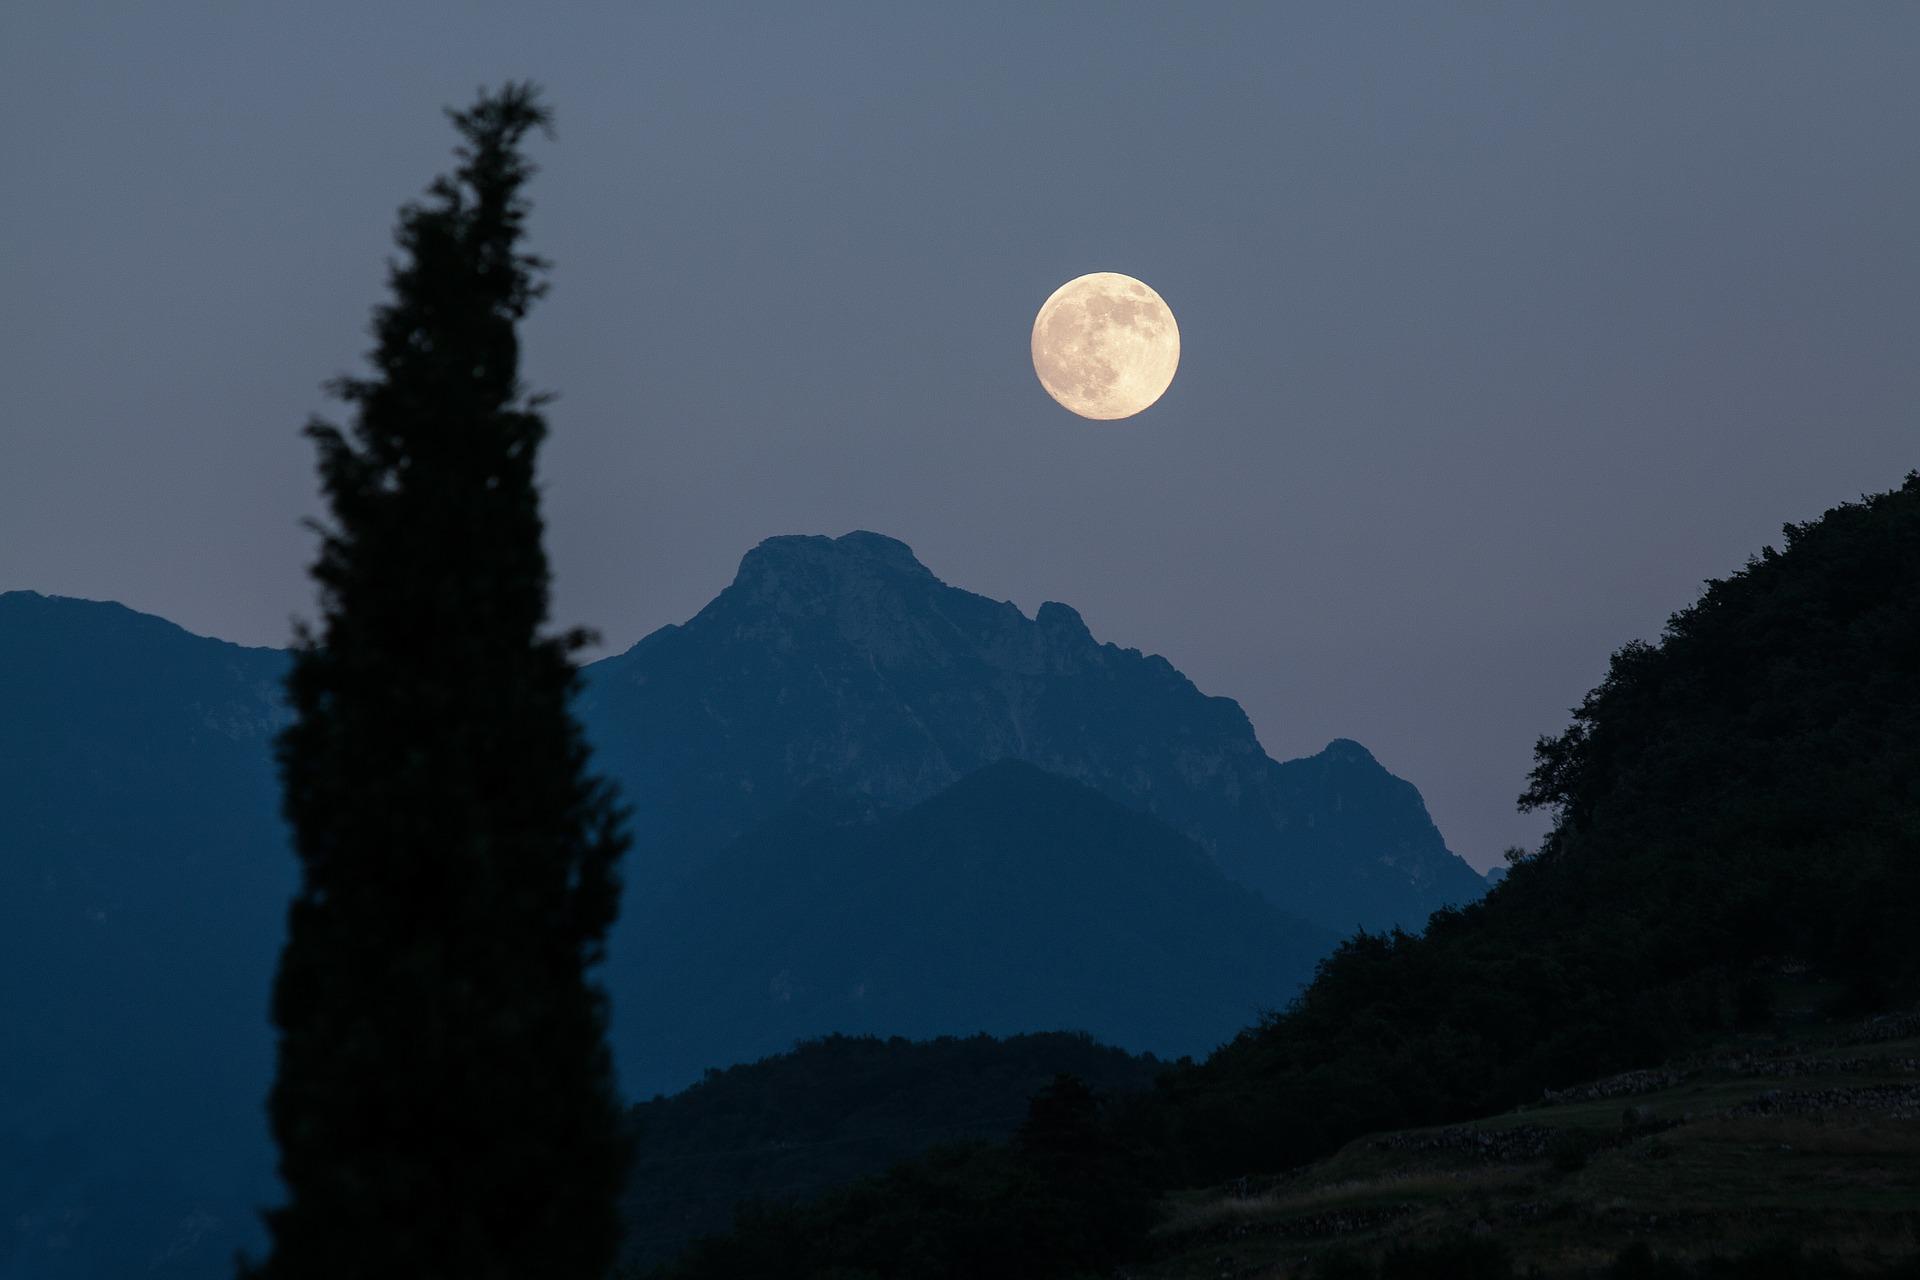 passeggiata sull'etna al chiaro di luna